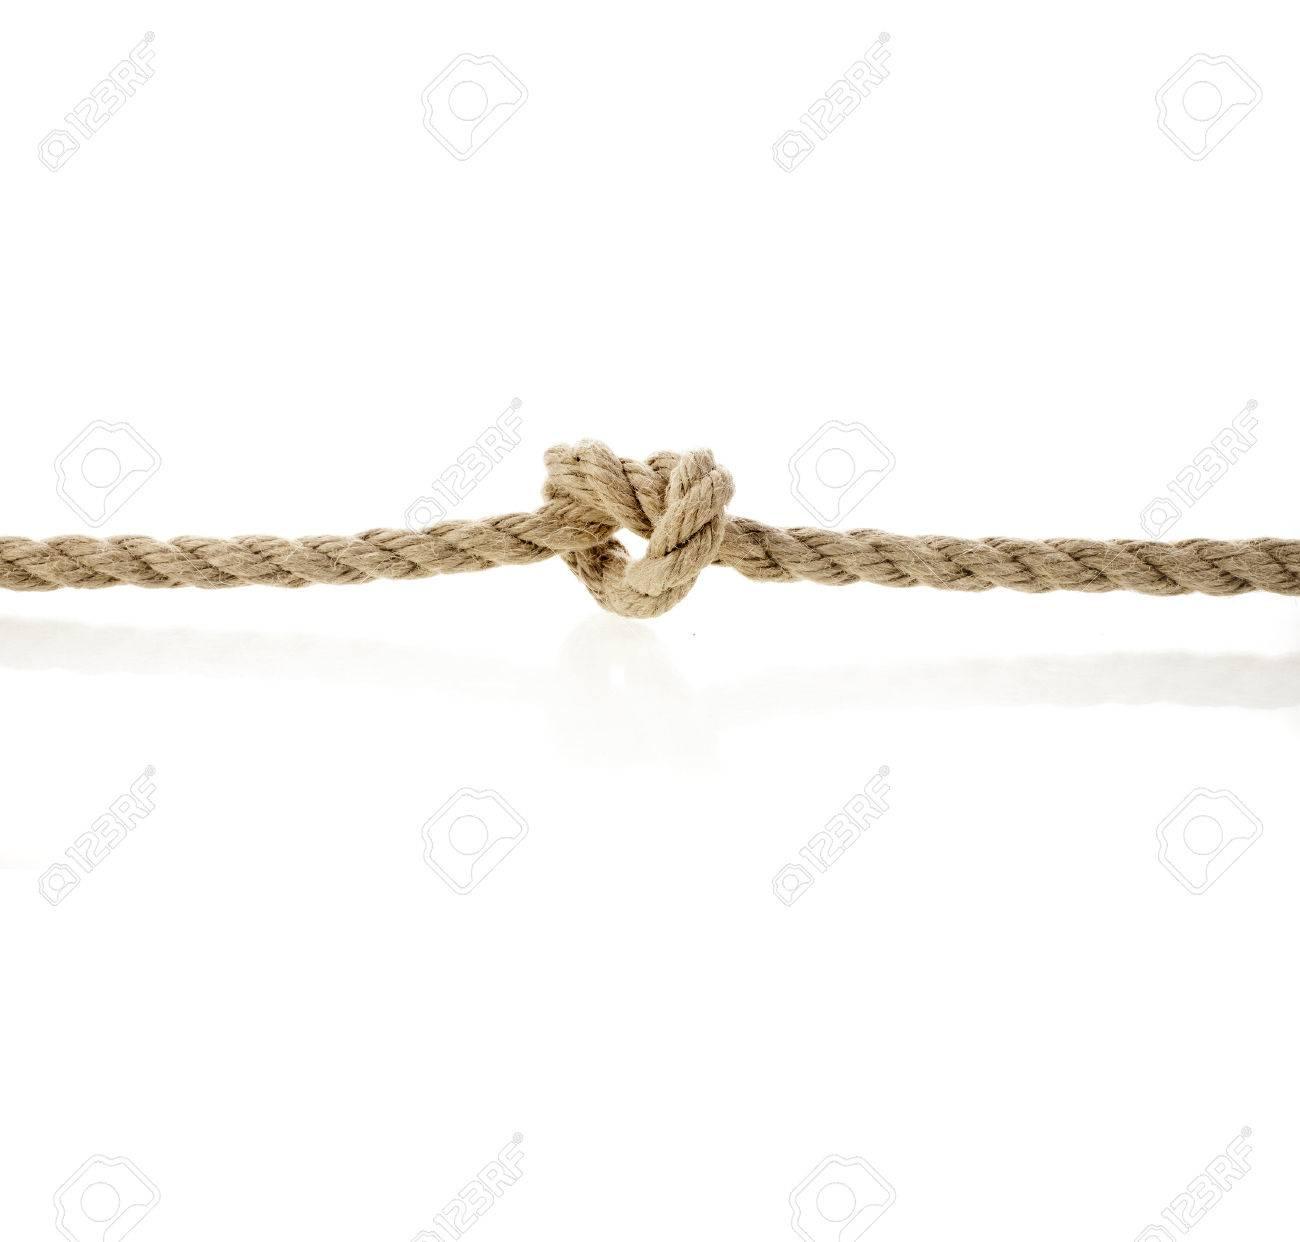 cuerda de yute sobre fondo blanco foto de archivo